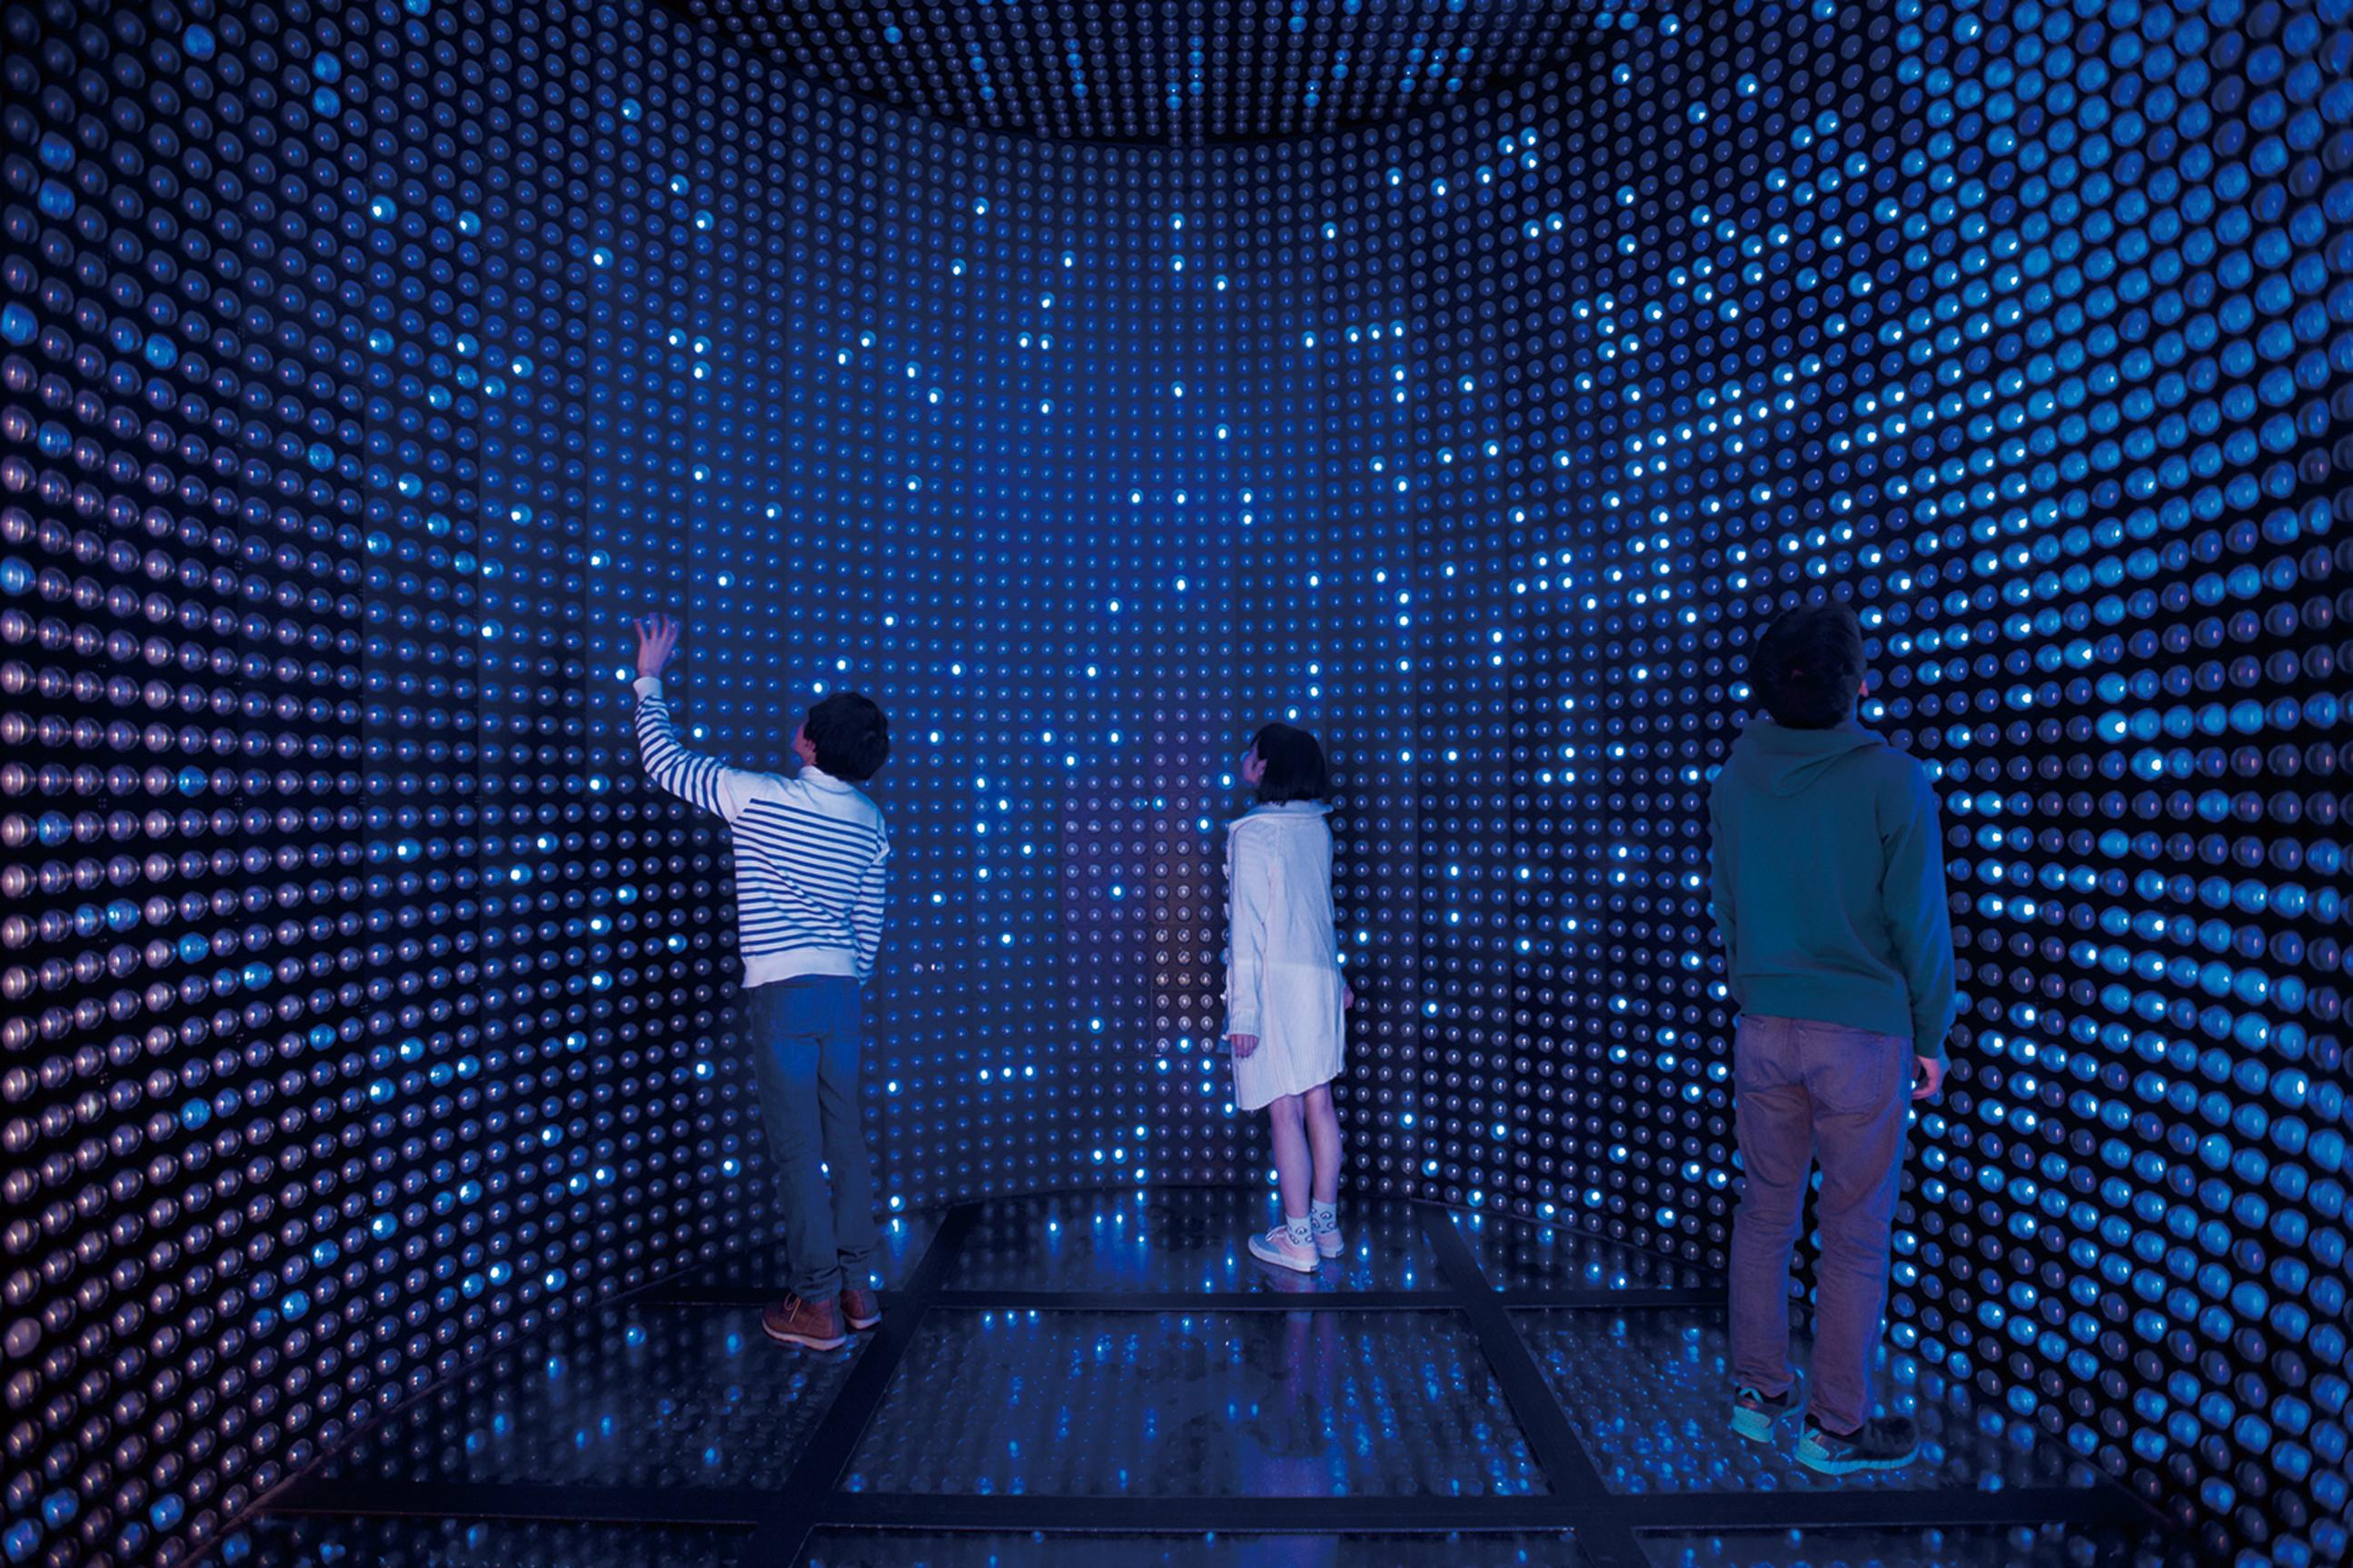 【2019】日本科学未来館アクセス方法5選!行き方は?電車・バス・車などのアクセス方法まとめ